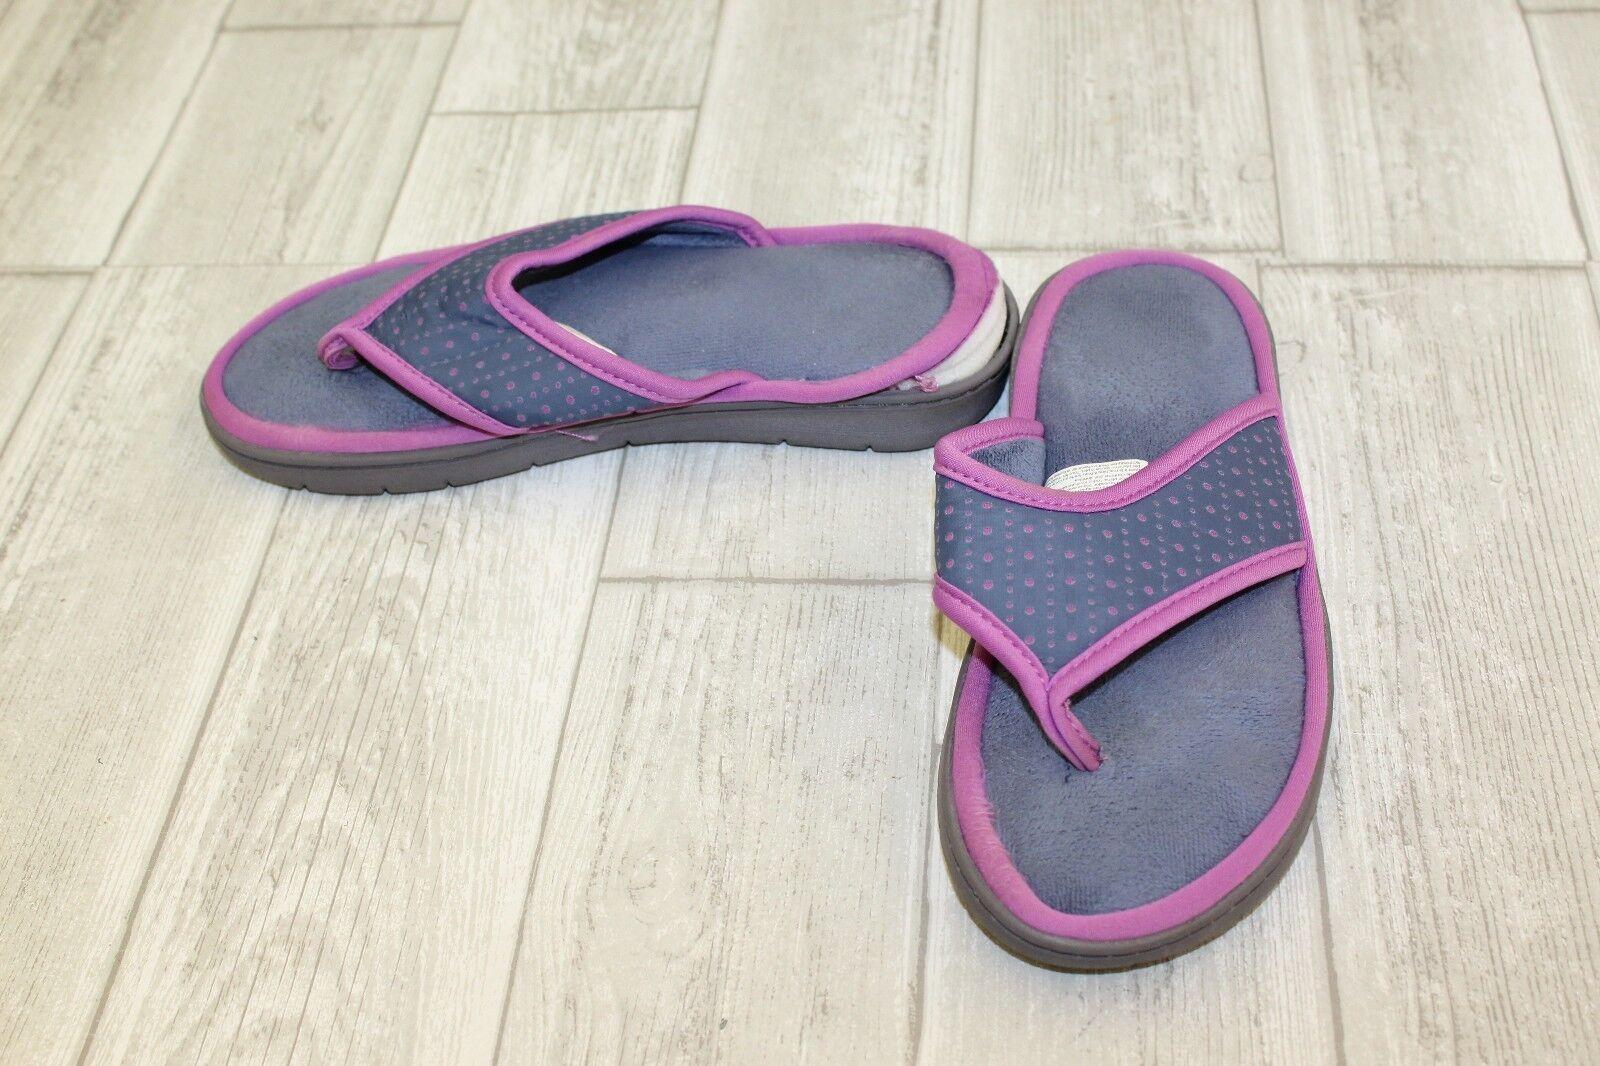 Dearfoams Microblocked Purple Slipper, Women's Size 7/8, Purple Microblocked (DAMAGED) 23a3a2